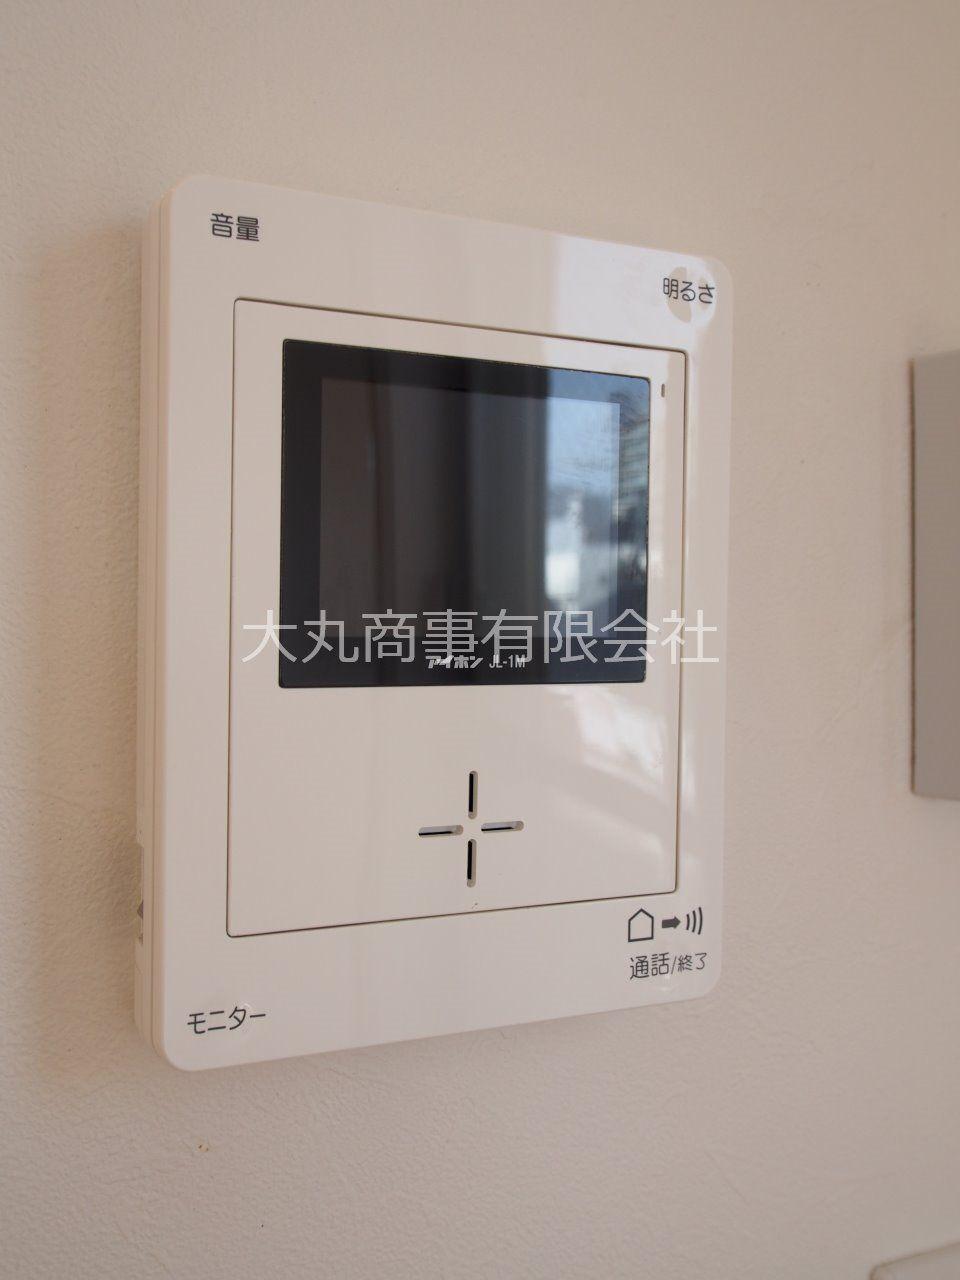 インターホンの室内設備